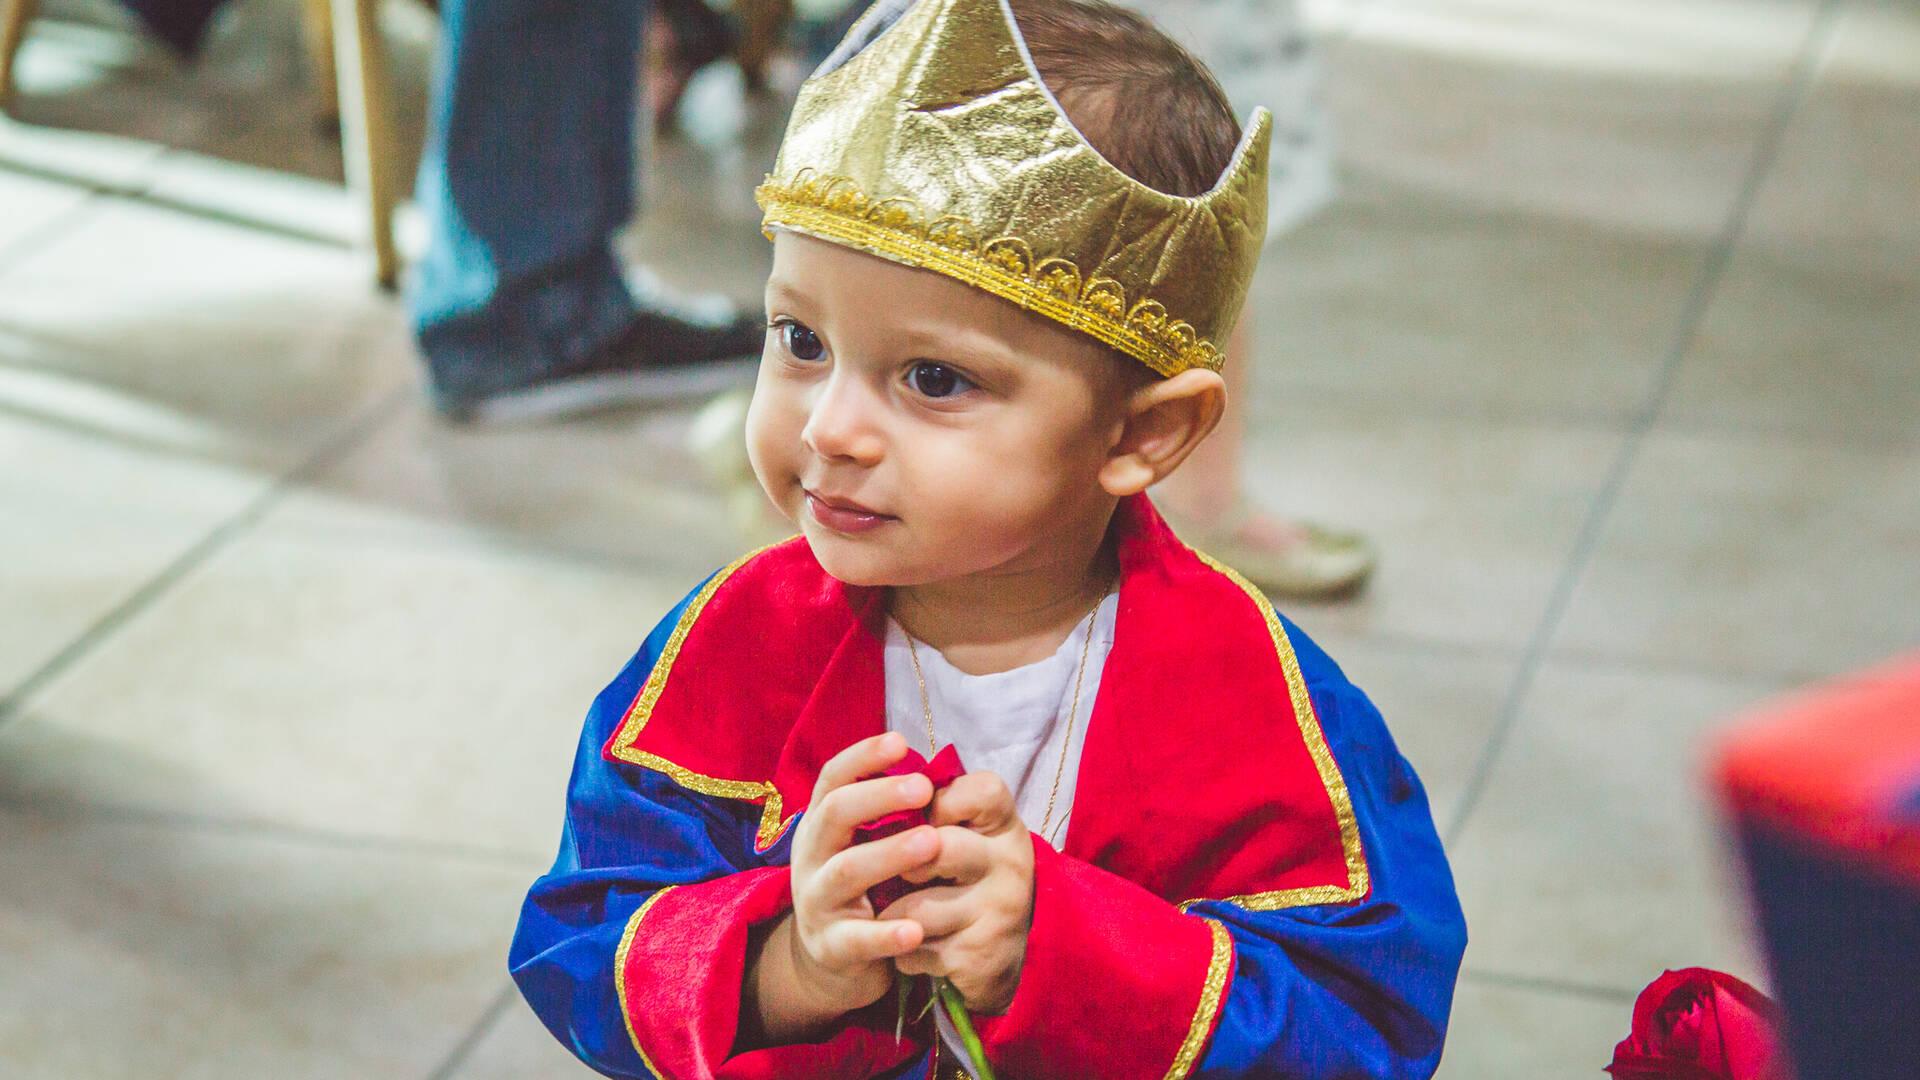 FESTA INFANTIL de 01 ANINHO - ENRICO